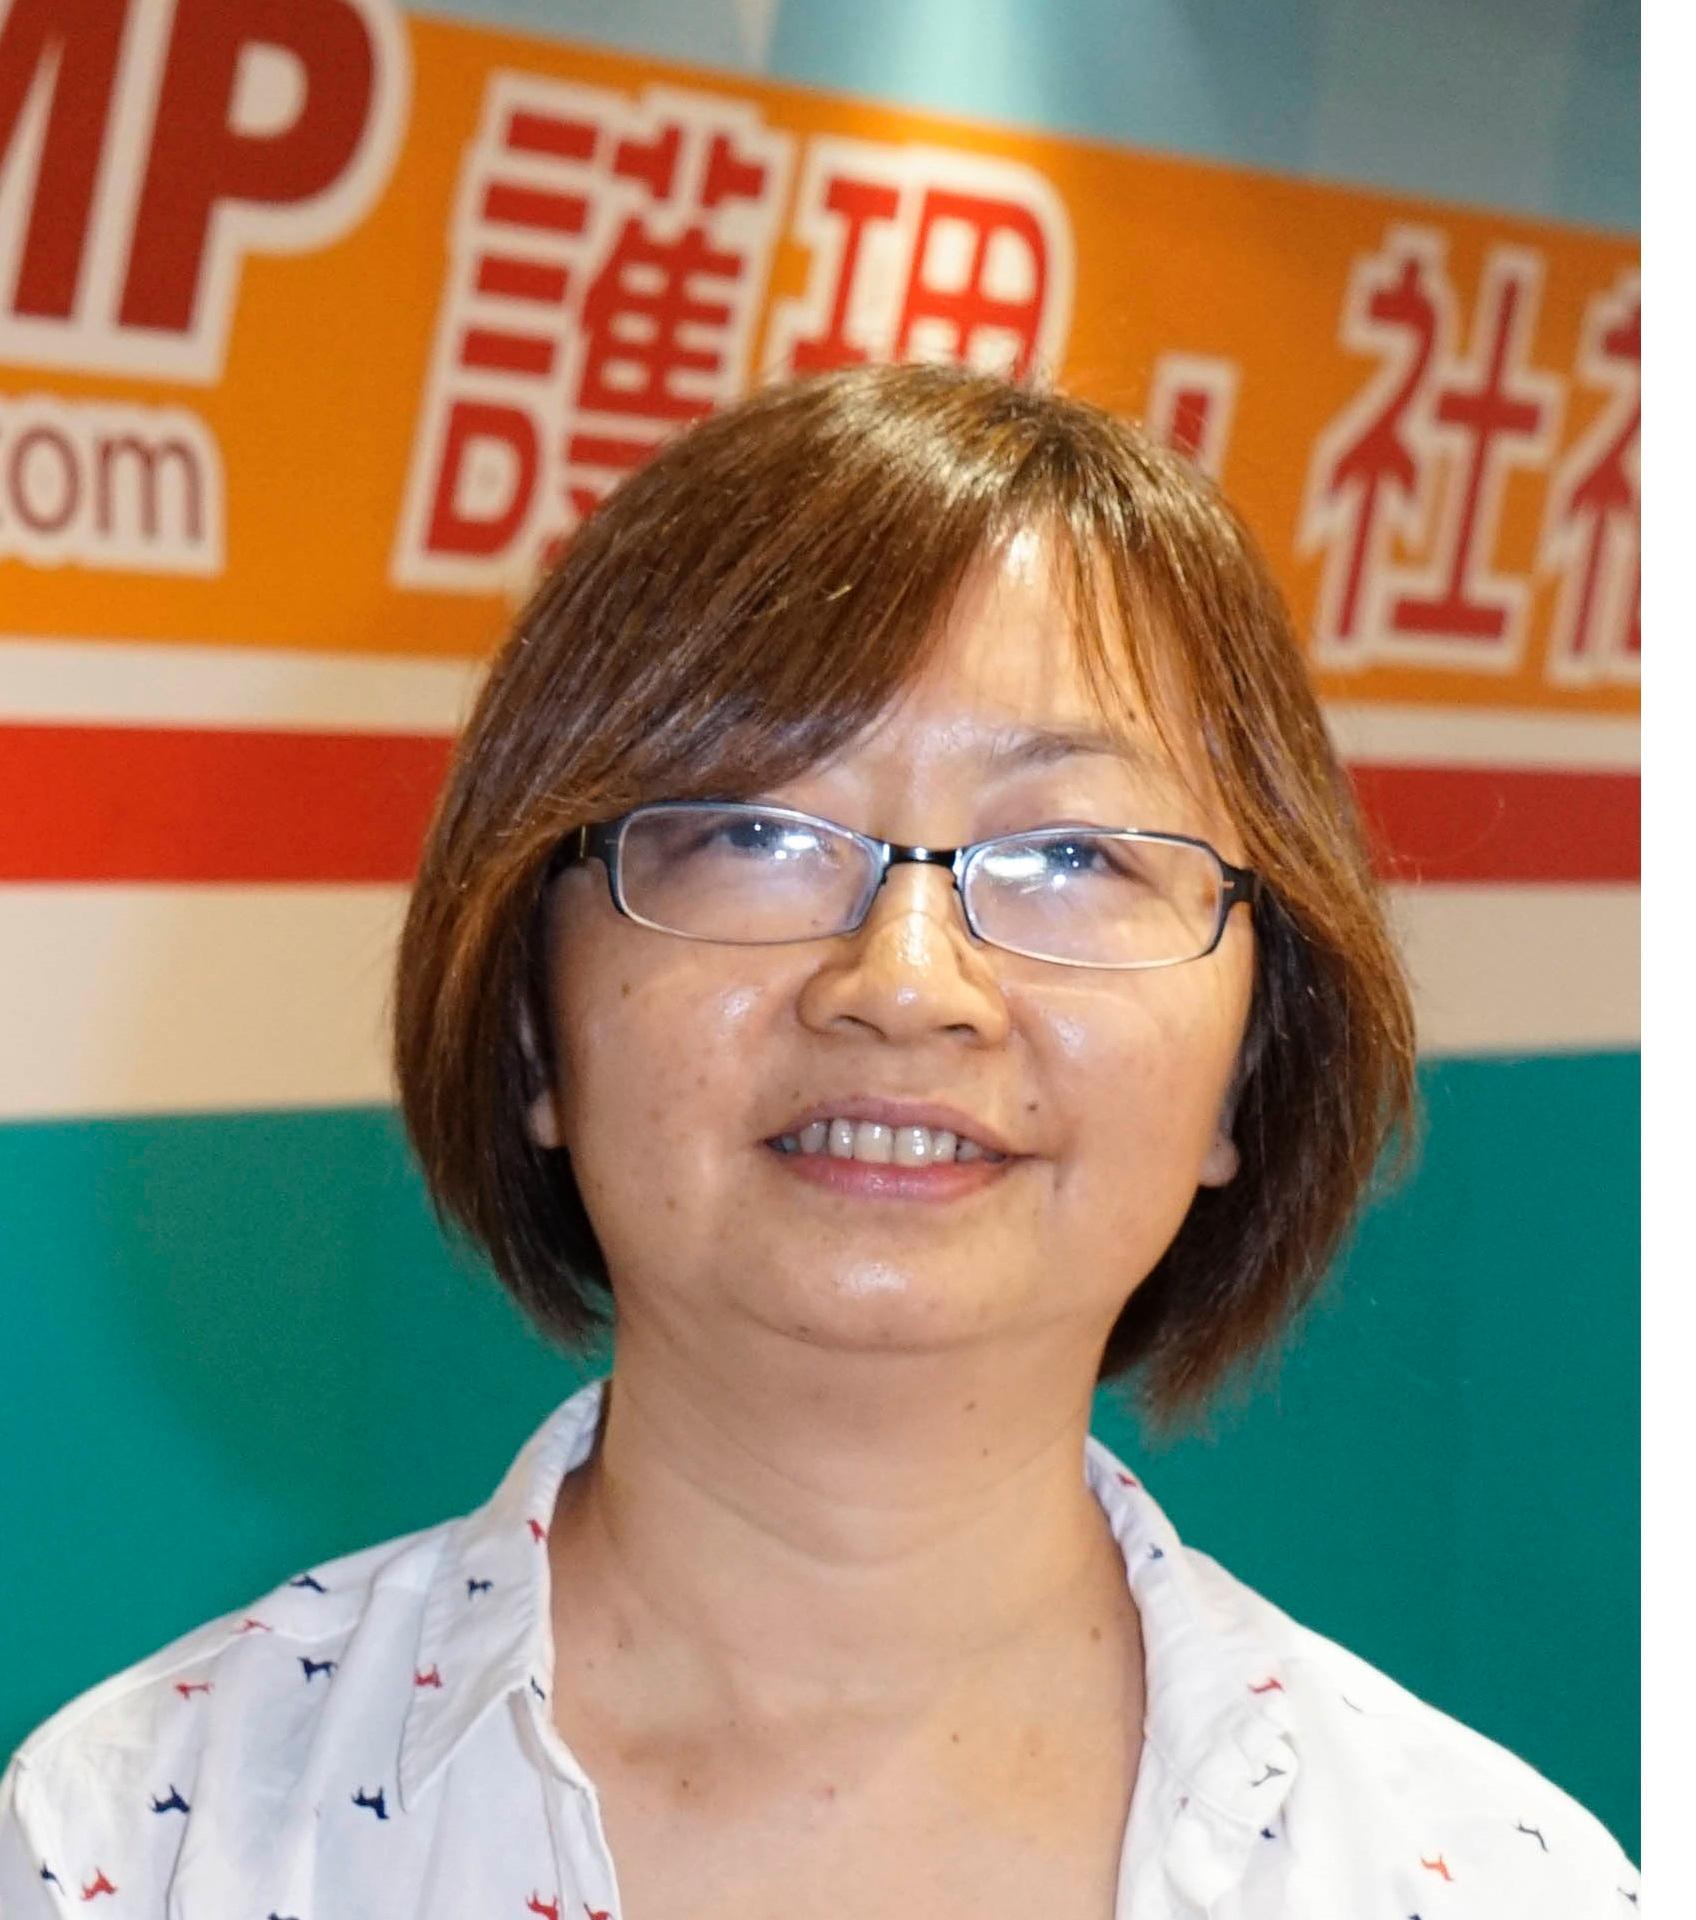 香港專業進修學校人文與社會科學學部課程主任 (社會工作) 羅櫻子 (Clara)